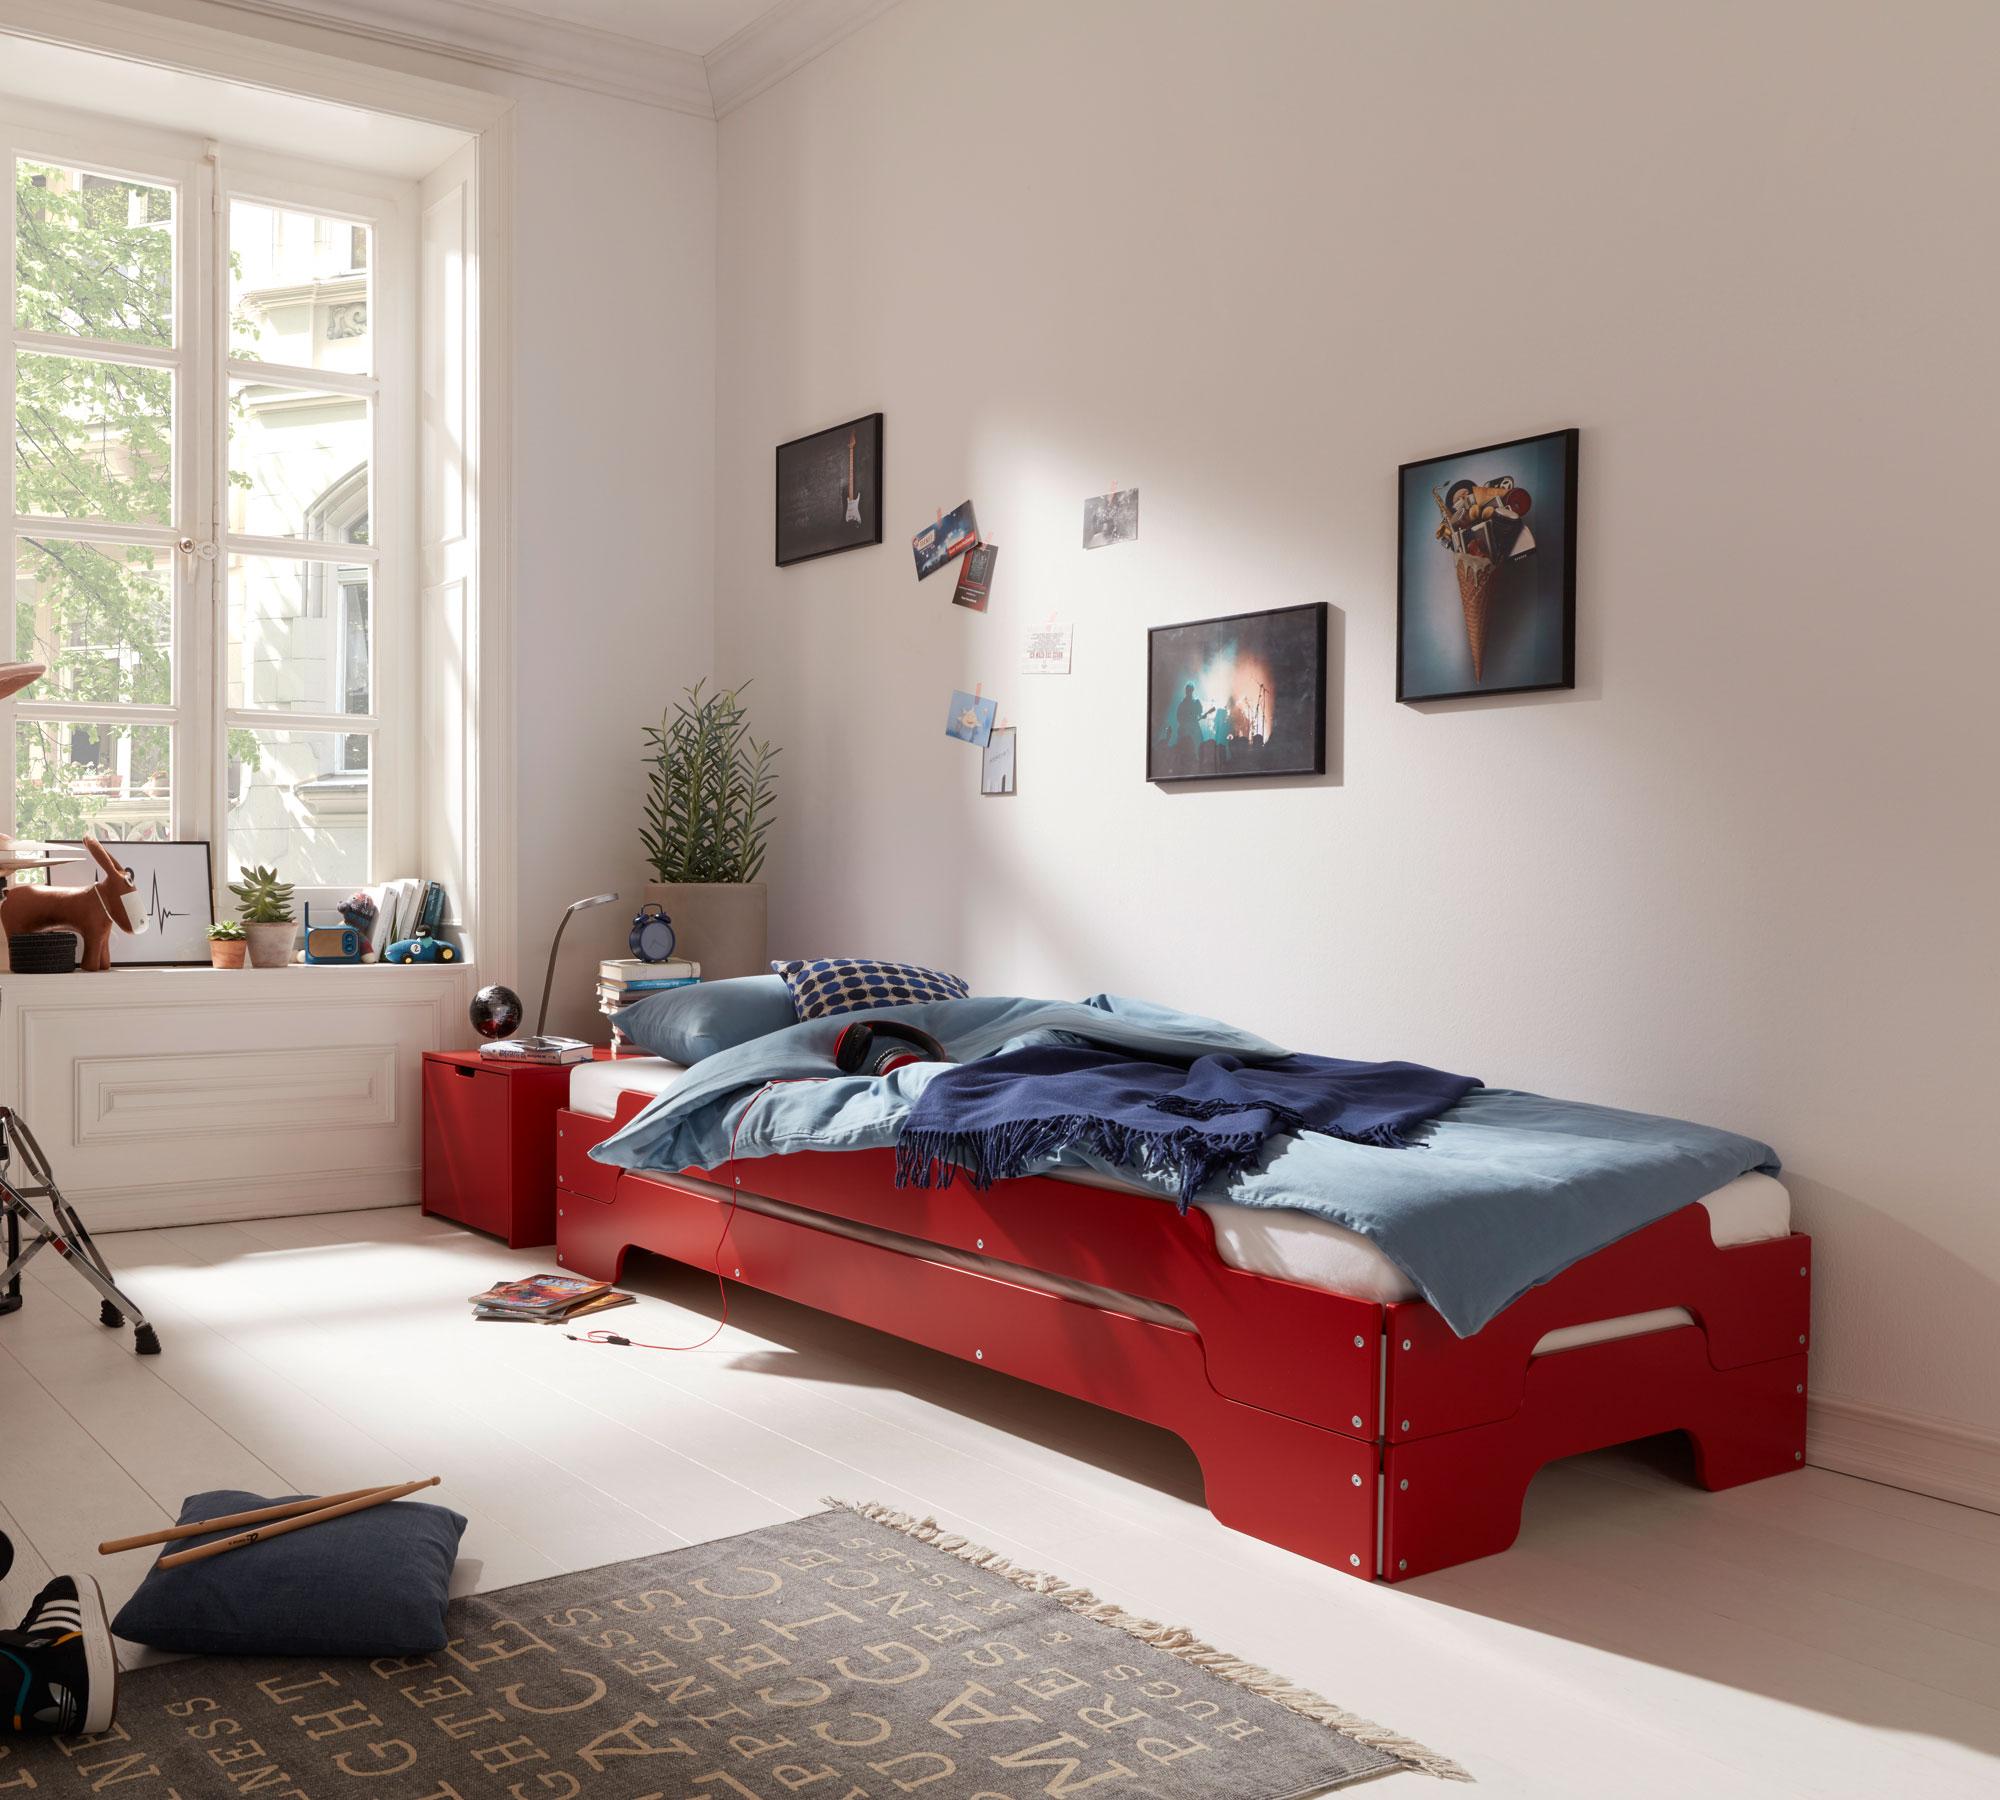 kinderbett designklassiker. Black Bedroom Furniture Sets. Home Design Ideas